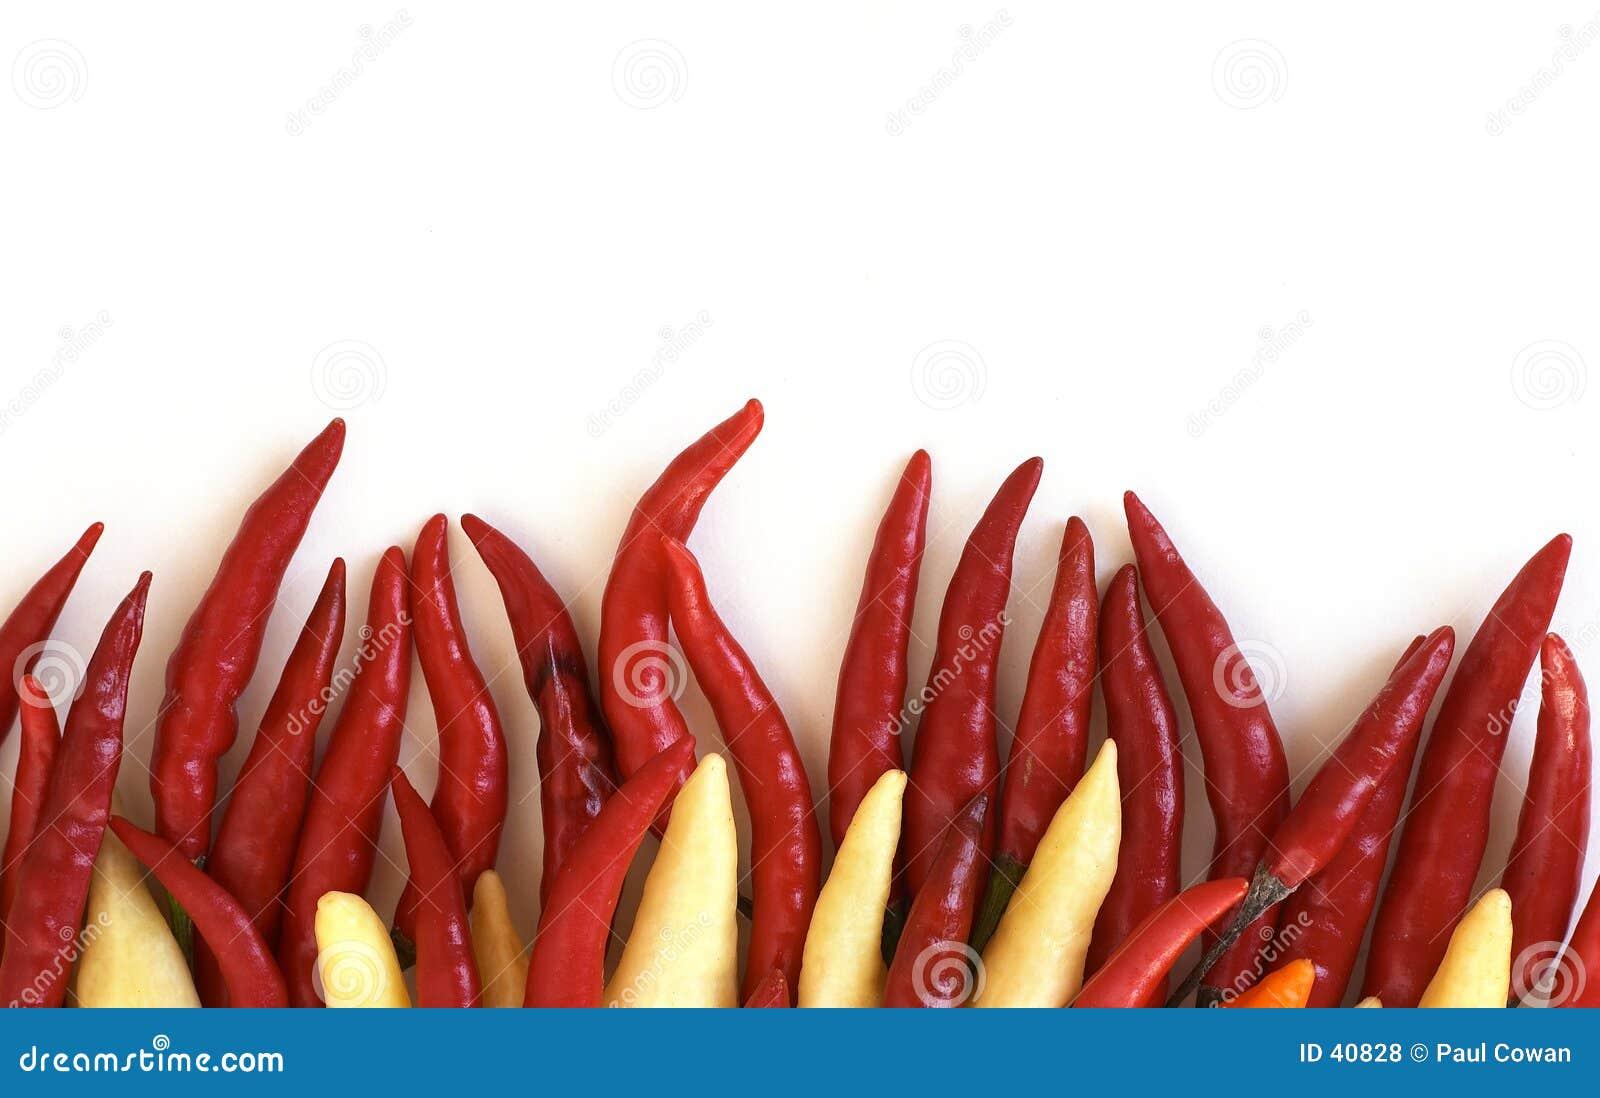 Vurige Spaanse pepers